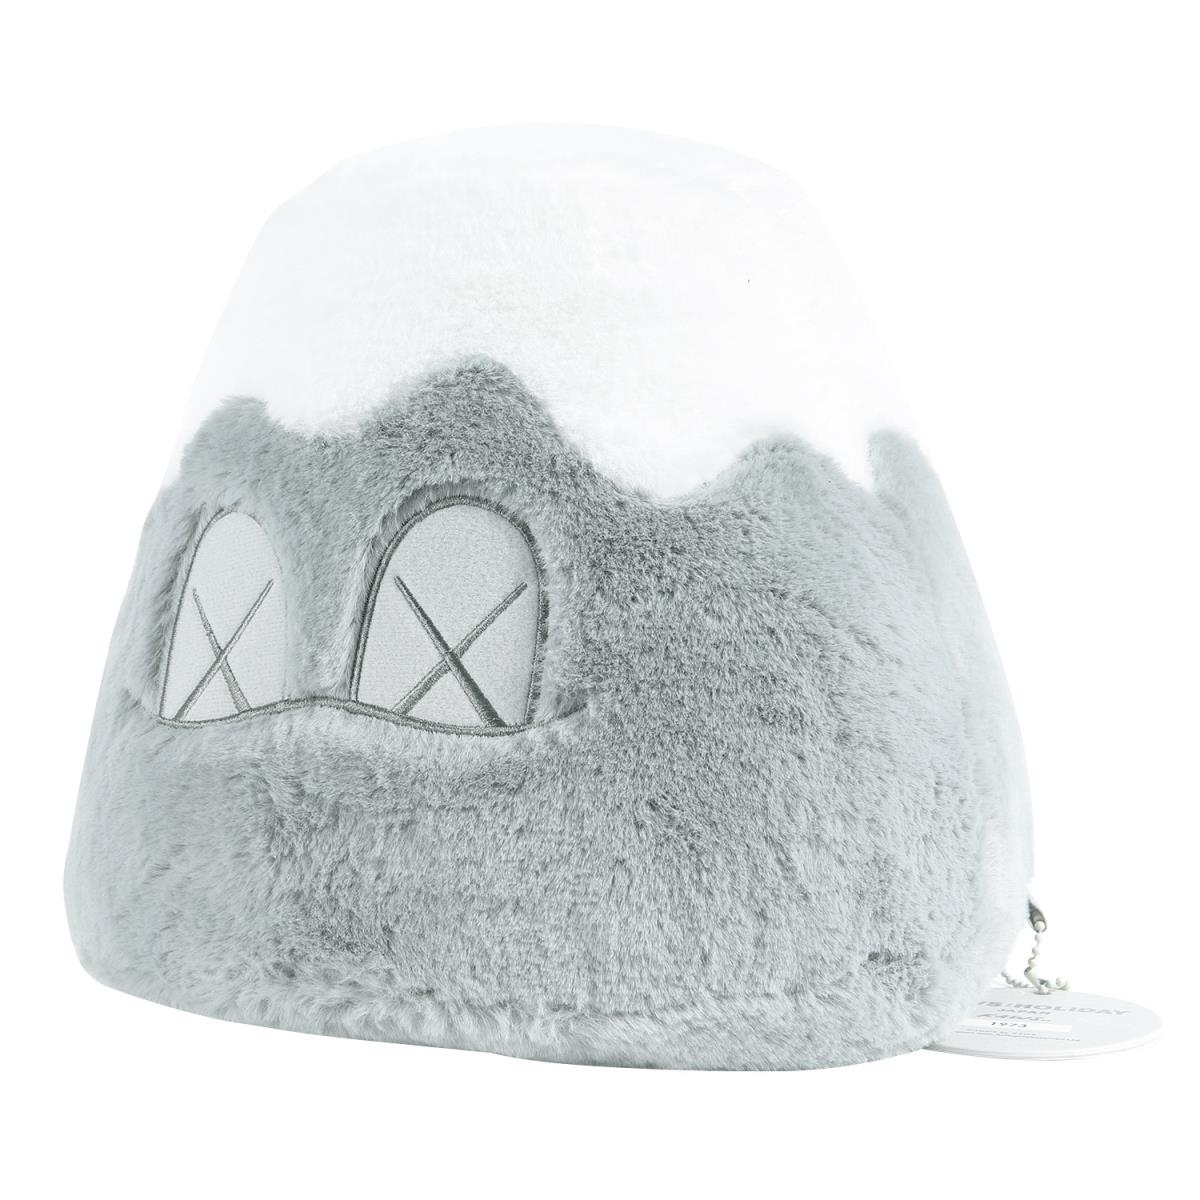 おもちゃ, ぬいぐるみ KAWS () KAWS:HOLIDAY JAPAN (Mount Fuji Plush) K2369